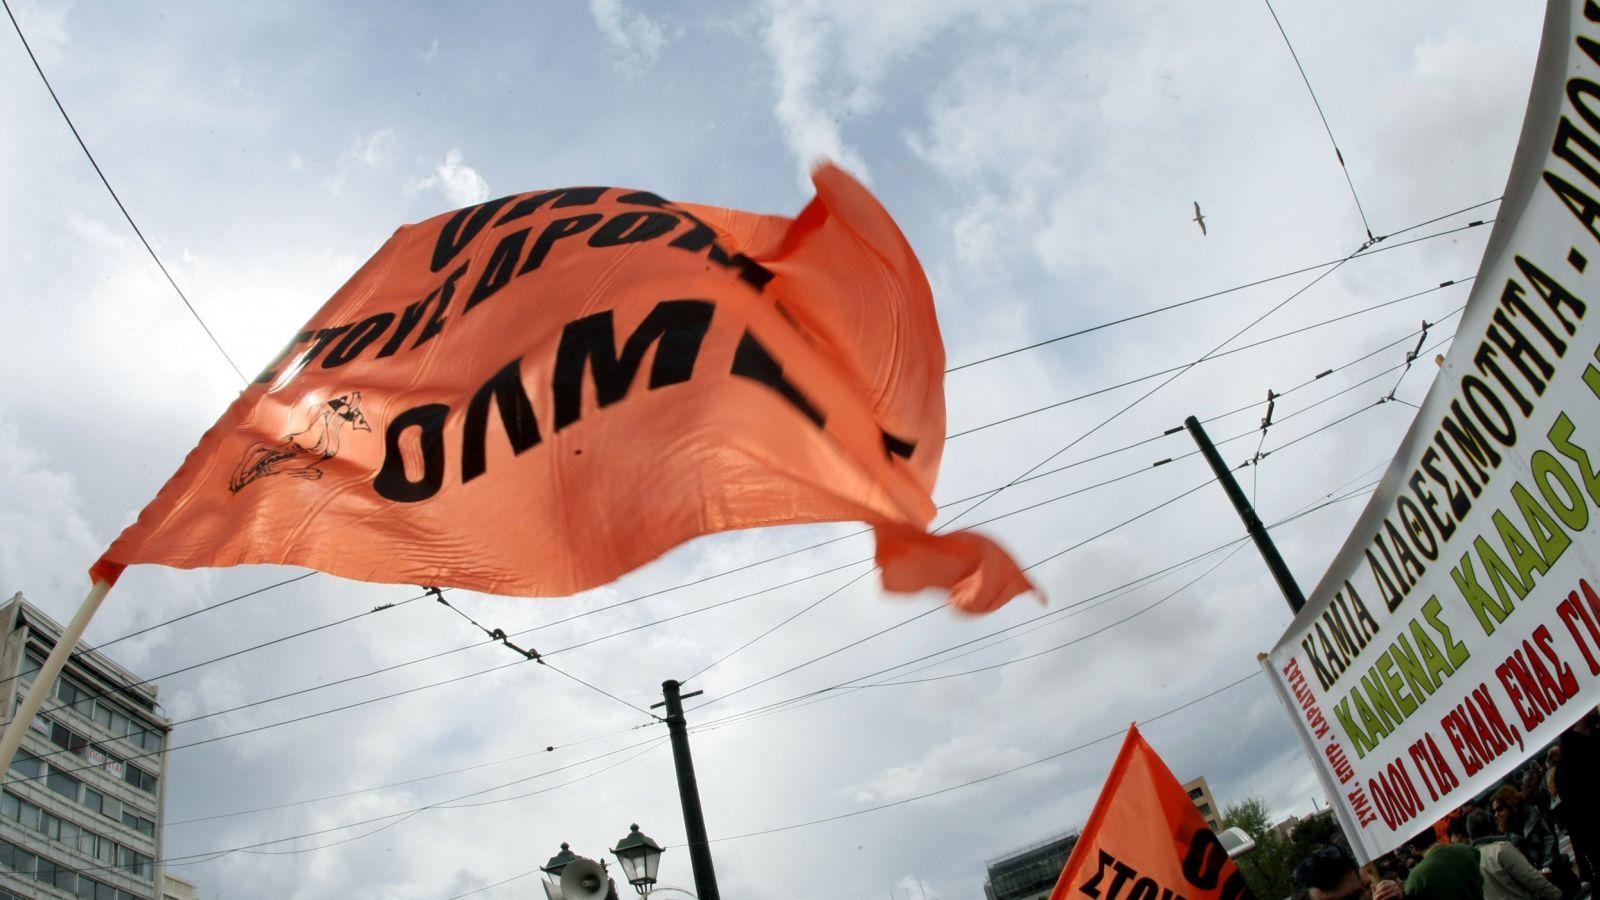 Κλειστά τα σχολεία την Τρίτη 9 Ιουνίου – 24ωρη απεργία των εκπαιδευτικών